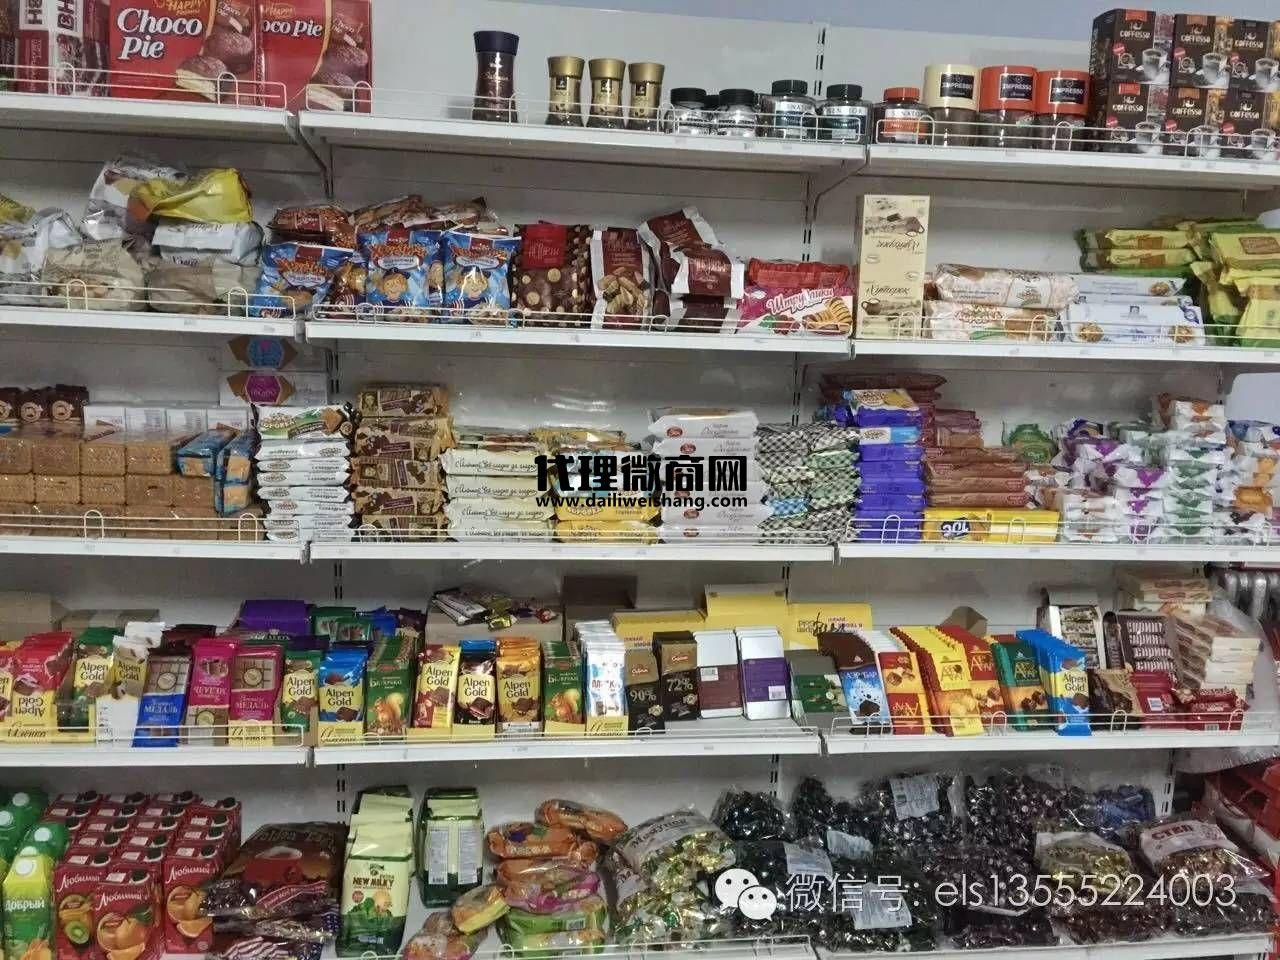 俄罗斯保健品代购批发招微商支持代发食品化妆品